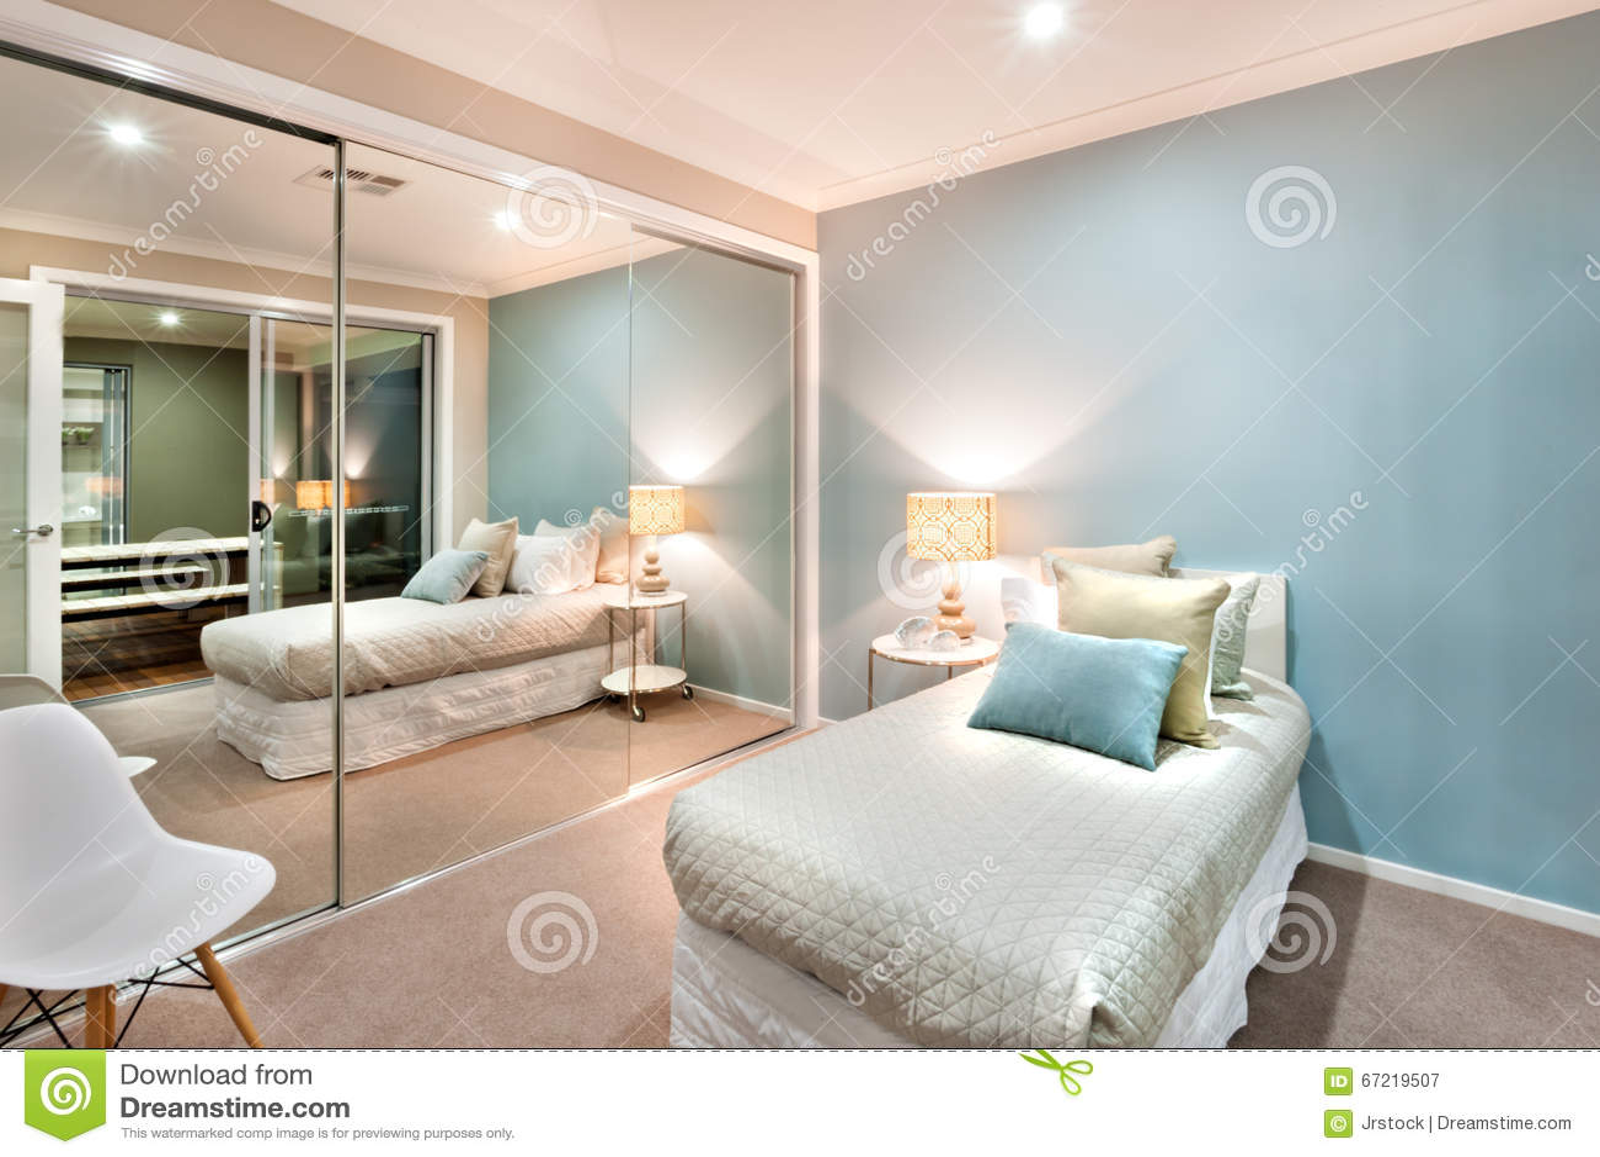 Luxe slaapkamer klein: woonkamer voorbeelden interieur ideeen ...